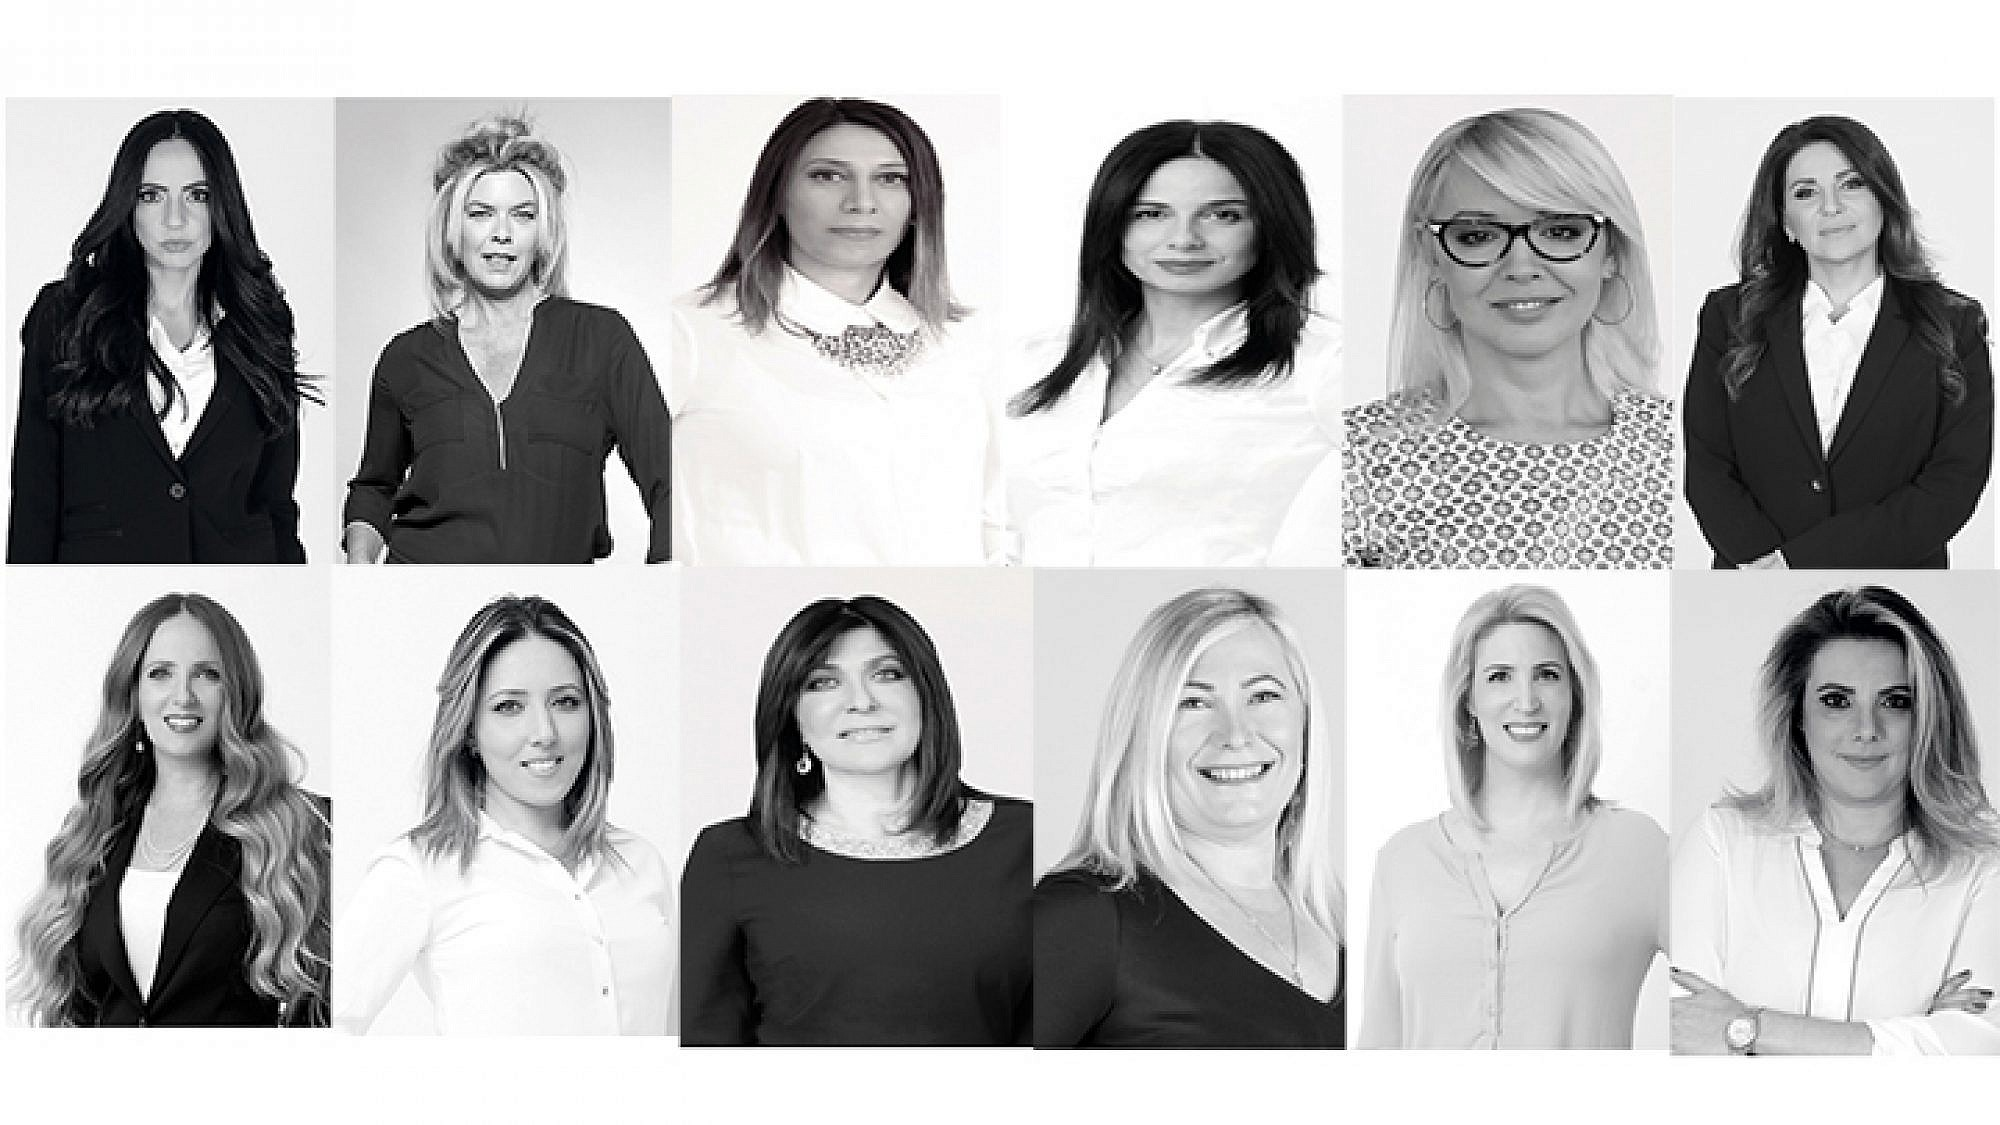 נשים מובילות בתעשייה הישראלית | צילומים: סם יצחקוב